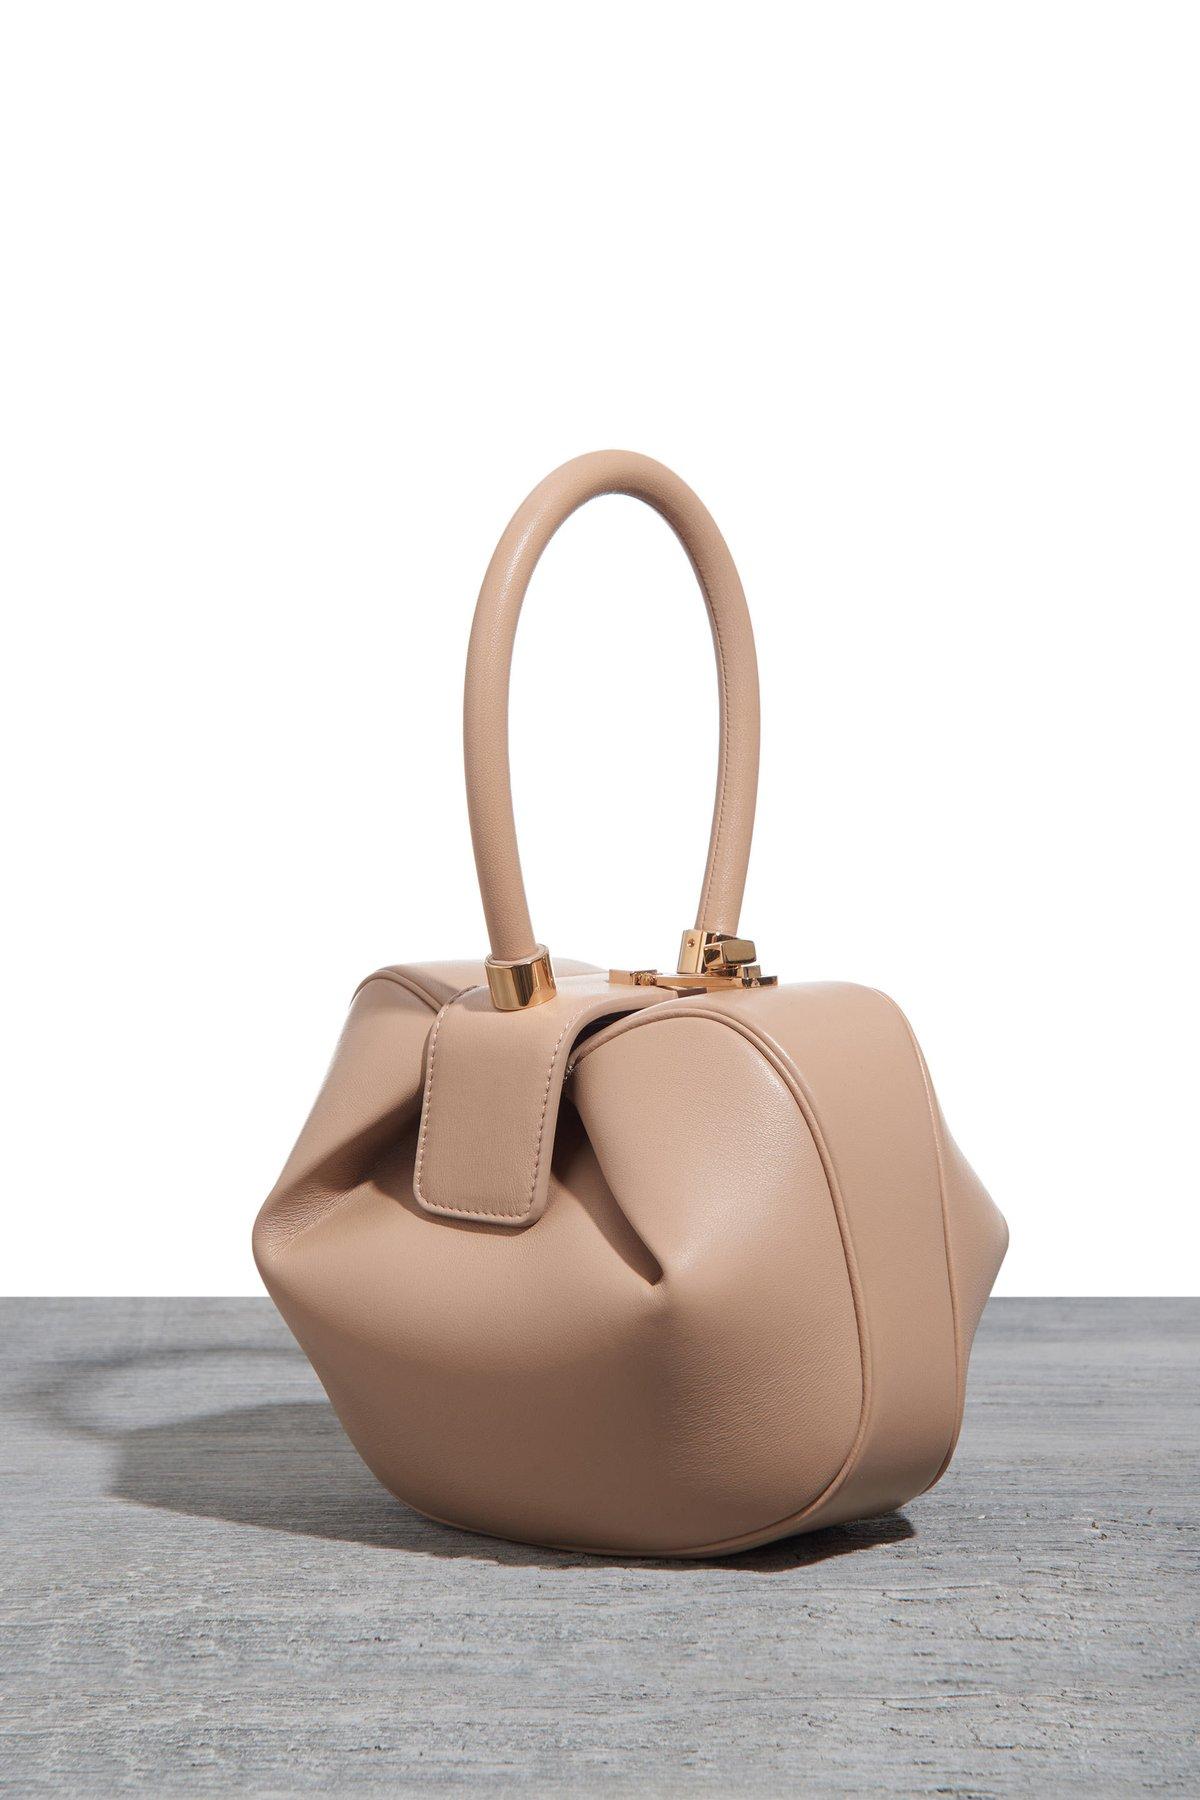 Nina Bag by Gabriela Hearst, available on gabrielahearst.com Olivia Culpo Bags Exact Product